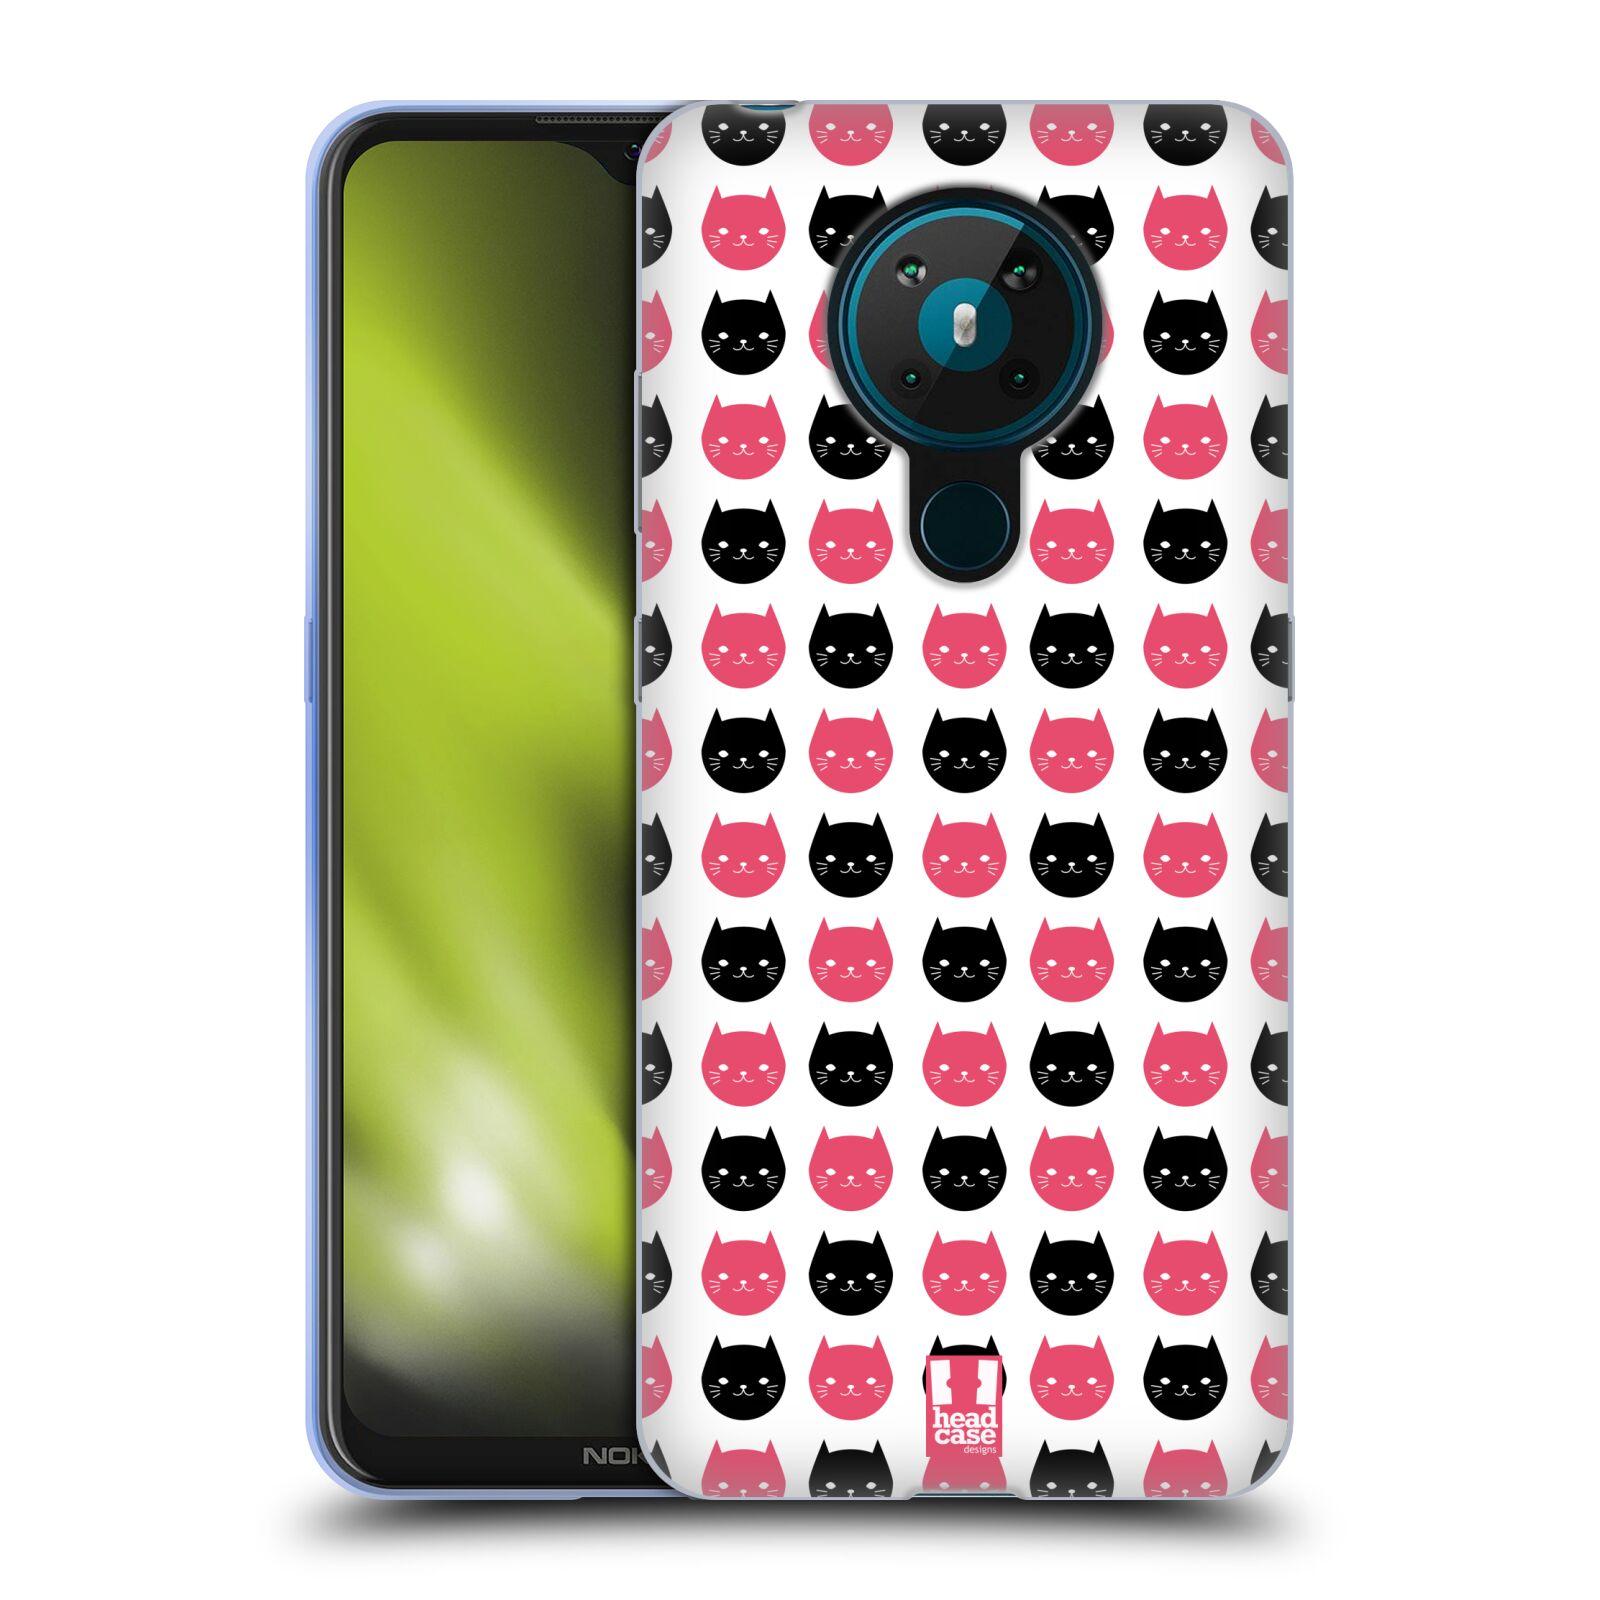 Silikonové pouzdro na mobil Nokia 5.3 - Head Case - KOČKY Black and Pink